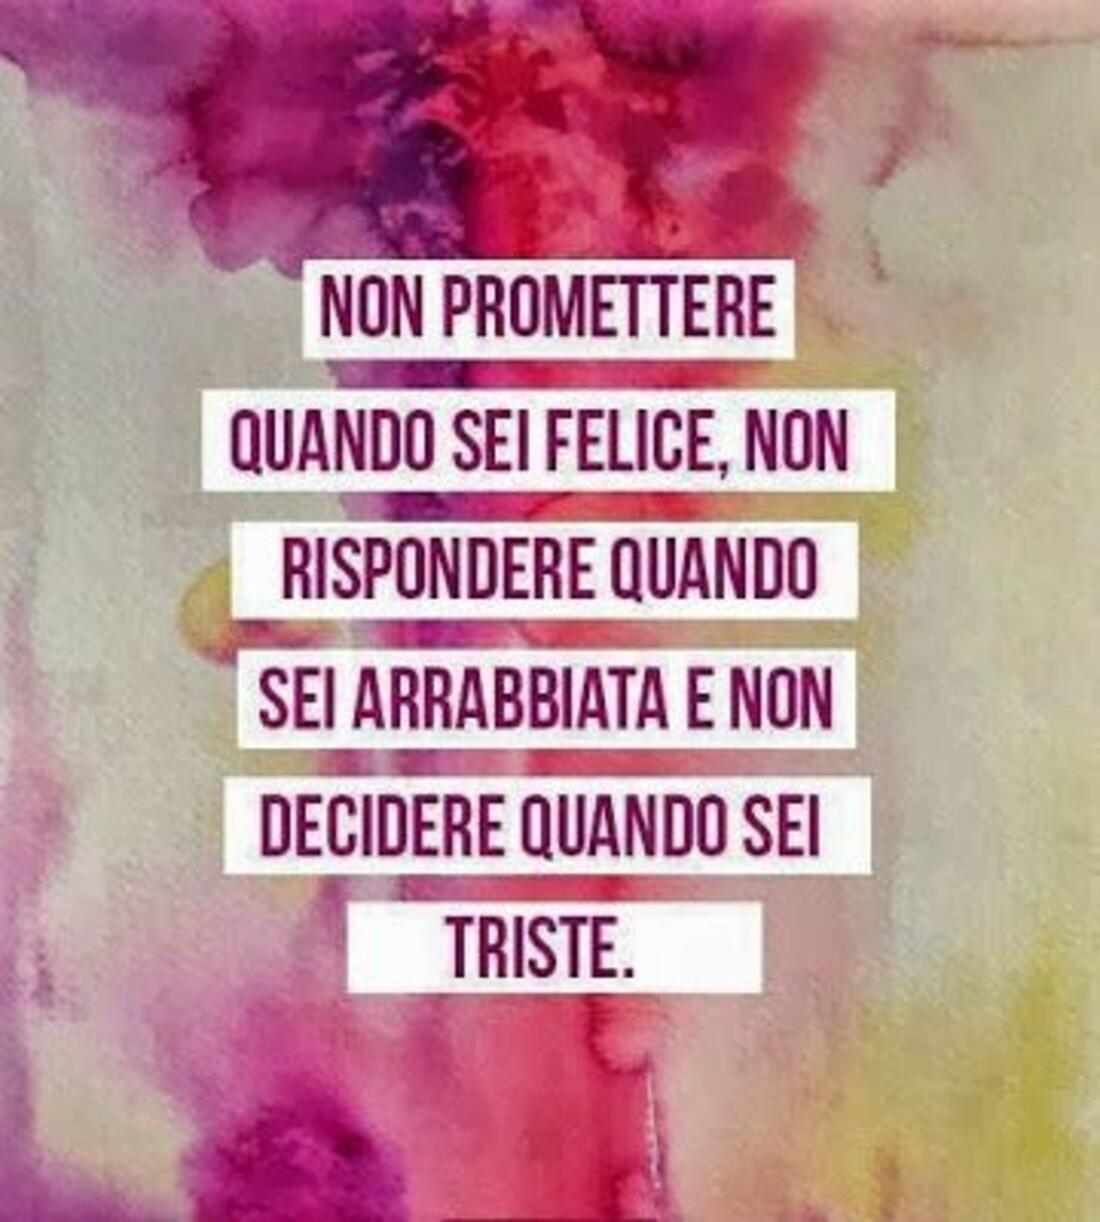 Non promettere quando sei felice, non rispondere quando sei arrabbiata e non decidere quando sei triste